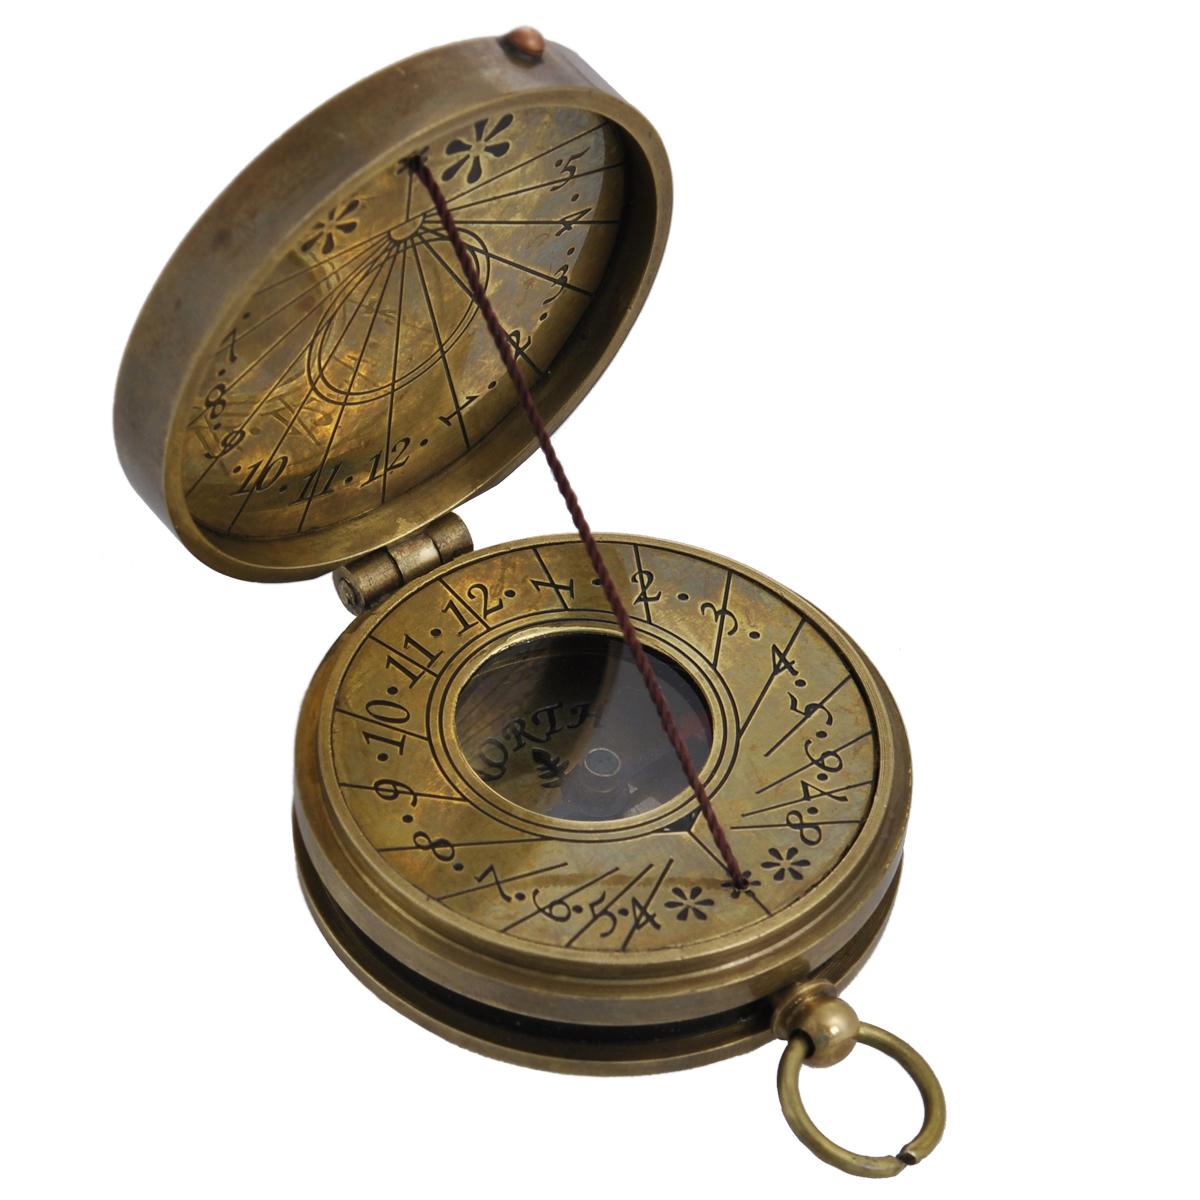 Сувенир настольный Солнечные часы и компас. 35811Брелок для ключейНастольный сувенир, выполнен в виде старинных солнечных часов с внутренним магнитным компасом. Корпус выполнен из латуни и украшен надписью «Coronation Of Elezabeth Ii June - 1953» на крышке. Циферблат компаса имеет обозначение севера: North. Циферблат солнечных часов оформлен арабскими цифрами, также арабскими цифрами оформлена внутренняя сторона крышки. Такой сувенир станет прекрасным подарком человеку, любящему красивые, но в тоже время практичные вещи, способные украсить интерьер офиса или дома.Характеристики: Материал: металл (латунь), стекло.Размер корпуса (ДхШхВ): 5,5 см х 4,5 см х 1,5 см.Диаметр циферблата компаса: 1,9 см.